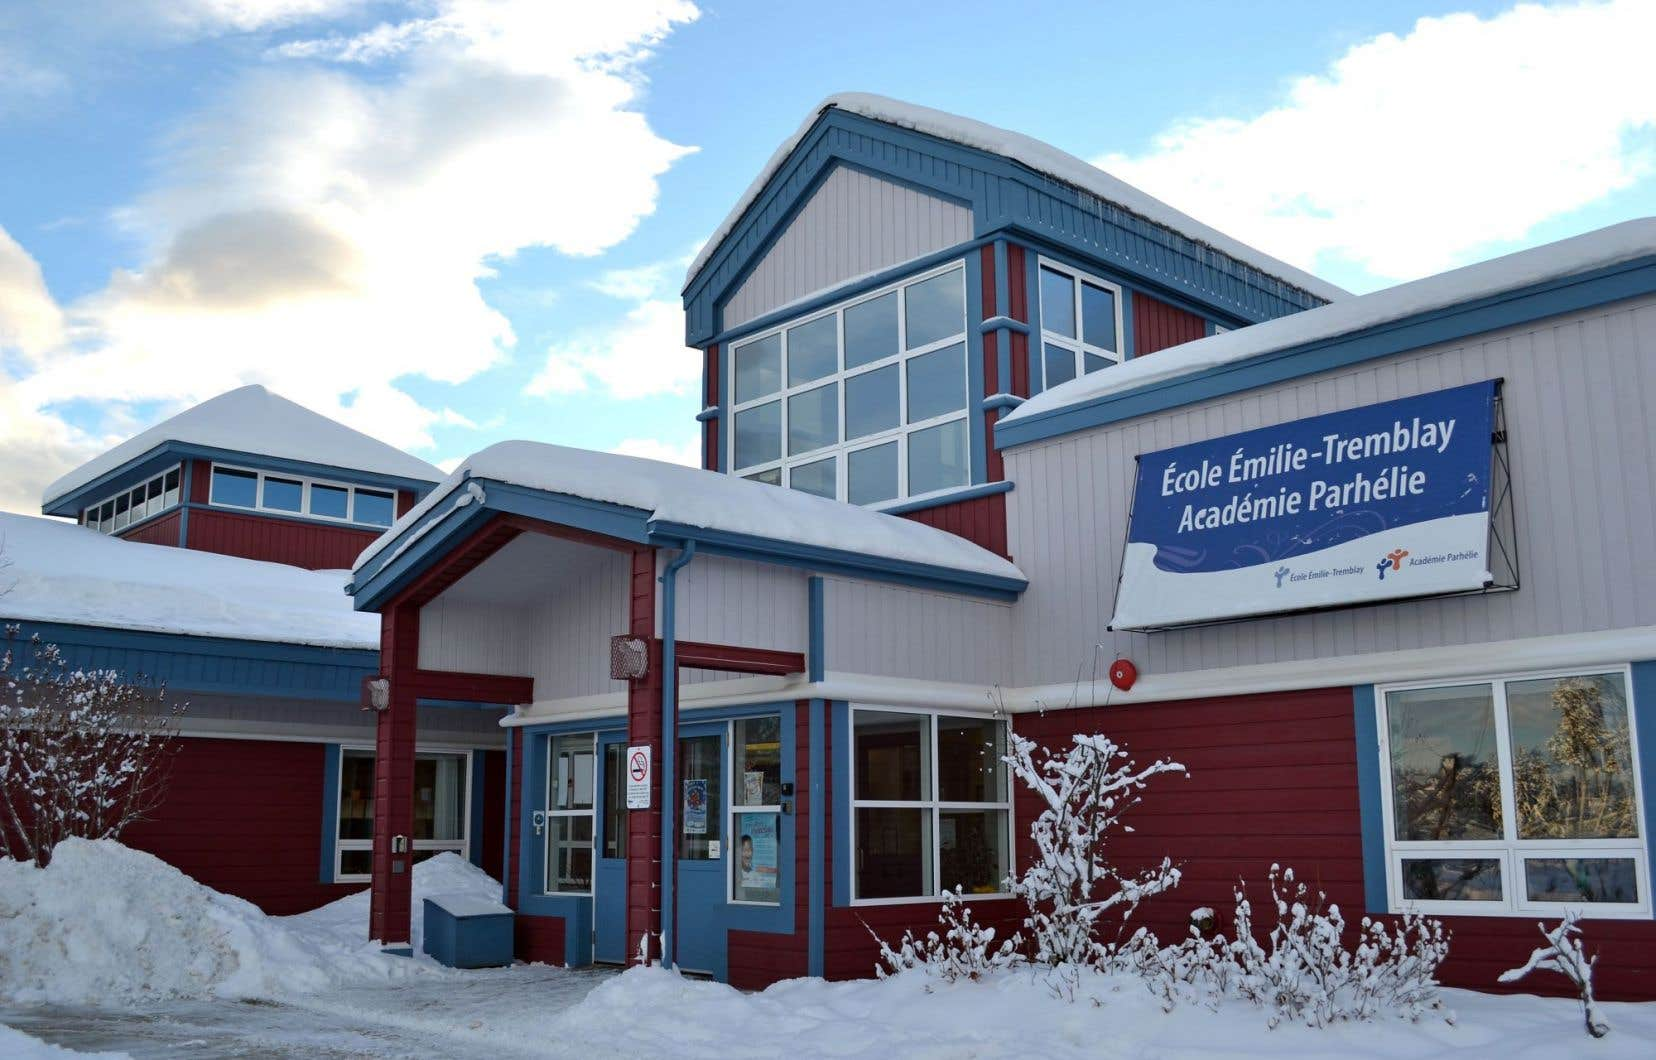 Trente-deux ans après l'adoption de l'article 23 de la Charte canadienne, la communauté francophone du Yukon (et aussi ailleurs au Canada) doit toujours se battre pour l'obtention de services éducatifs de qualité. Sur notre photo, l'école Émilie-Tremblay, à Whitehorse, dont l'ouverture remonte à 1984.